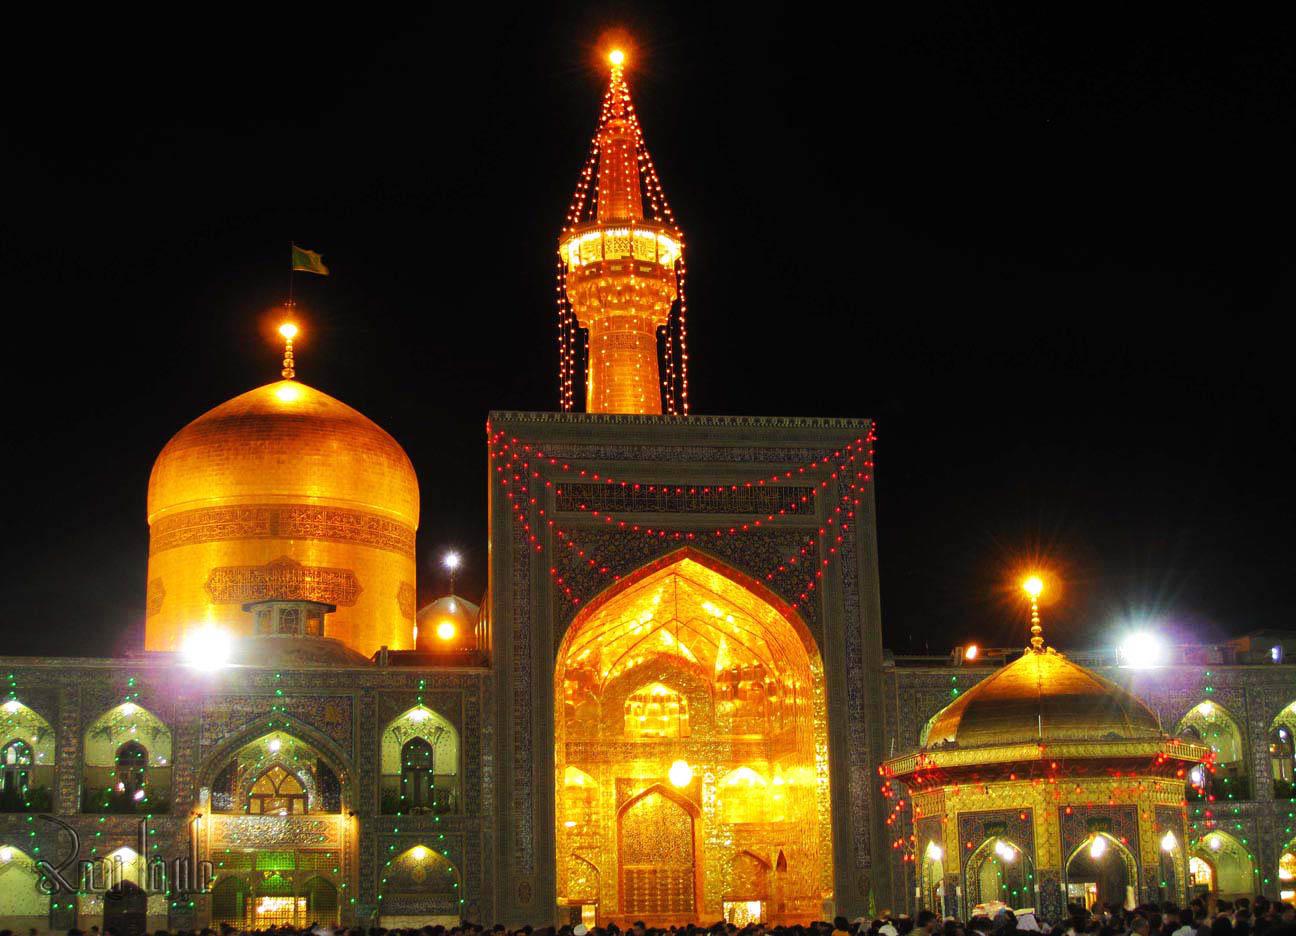 اعزام ۴۸ نفر از ایثارگران و جانبازان صومعه سرایی به مشهد مقدس